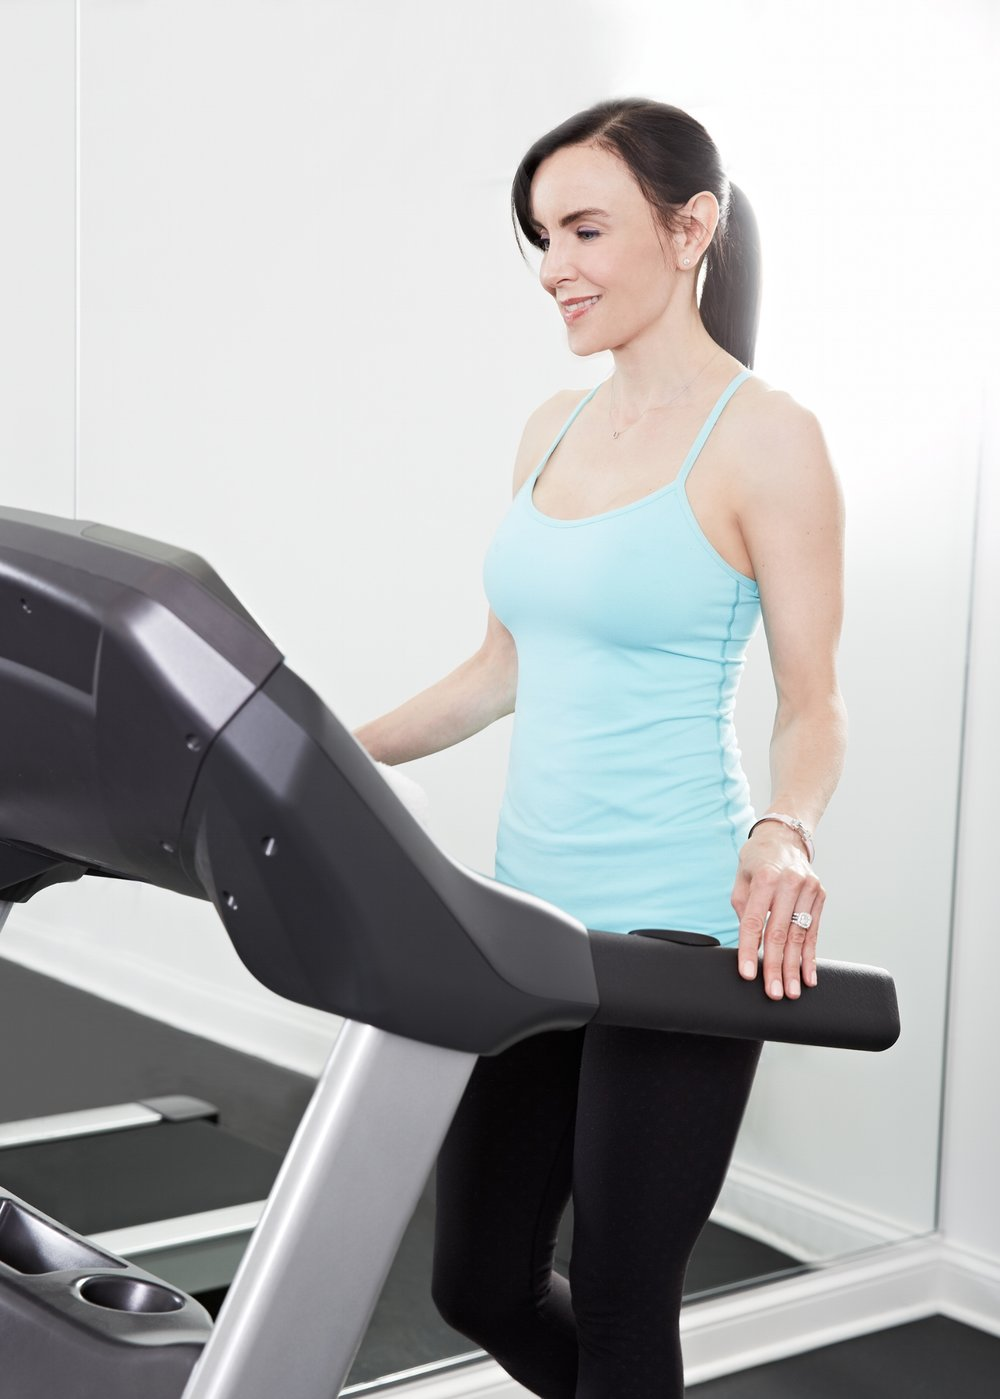 Gym 1302.jpg